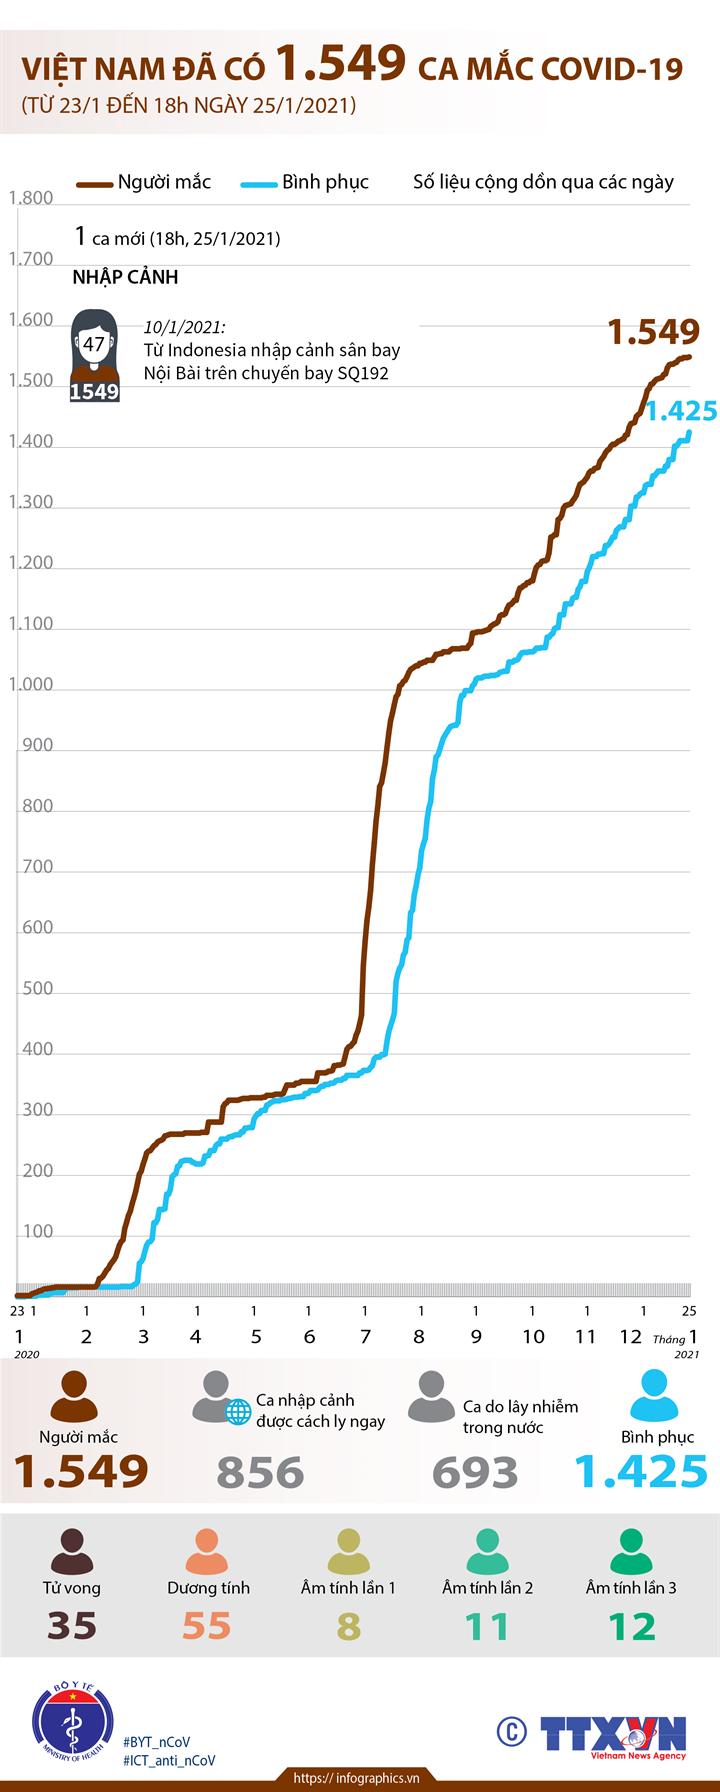 Việt Nam đã có 1.549 ca mắc COVID-19 (từ 23/1/2020 đến 18h ngày  25/1/2021)